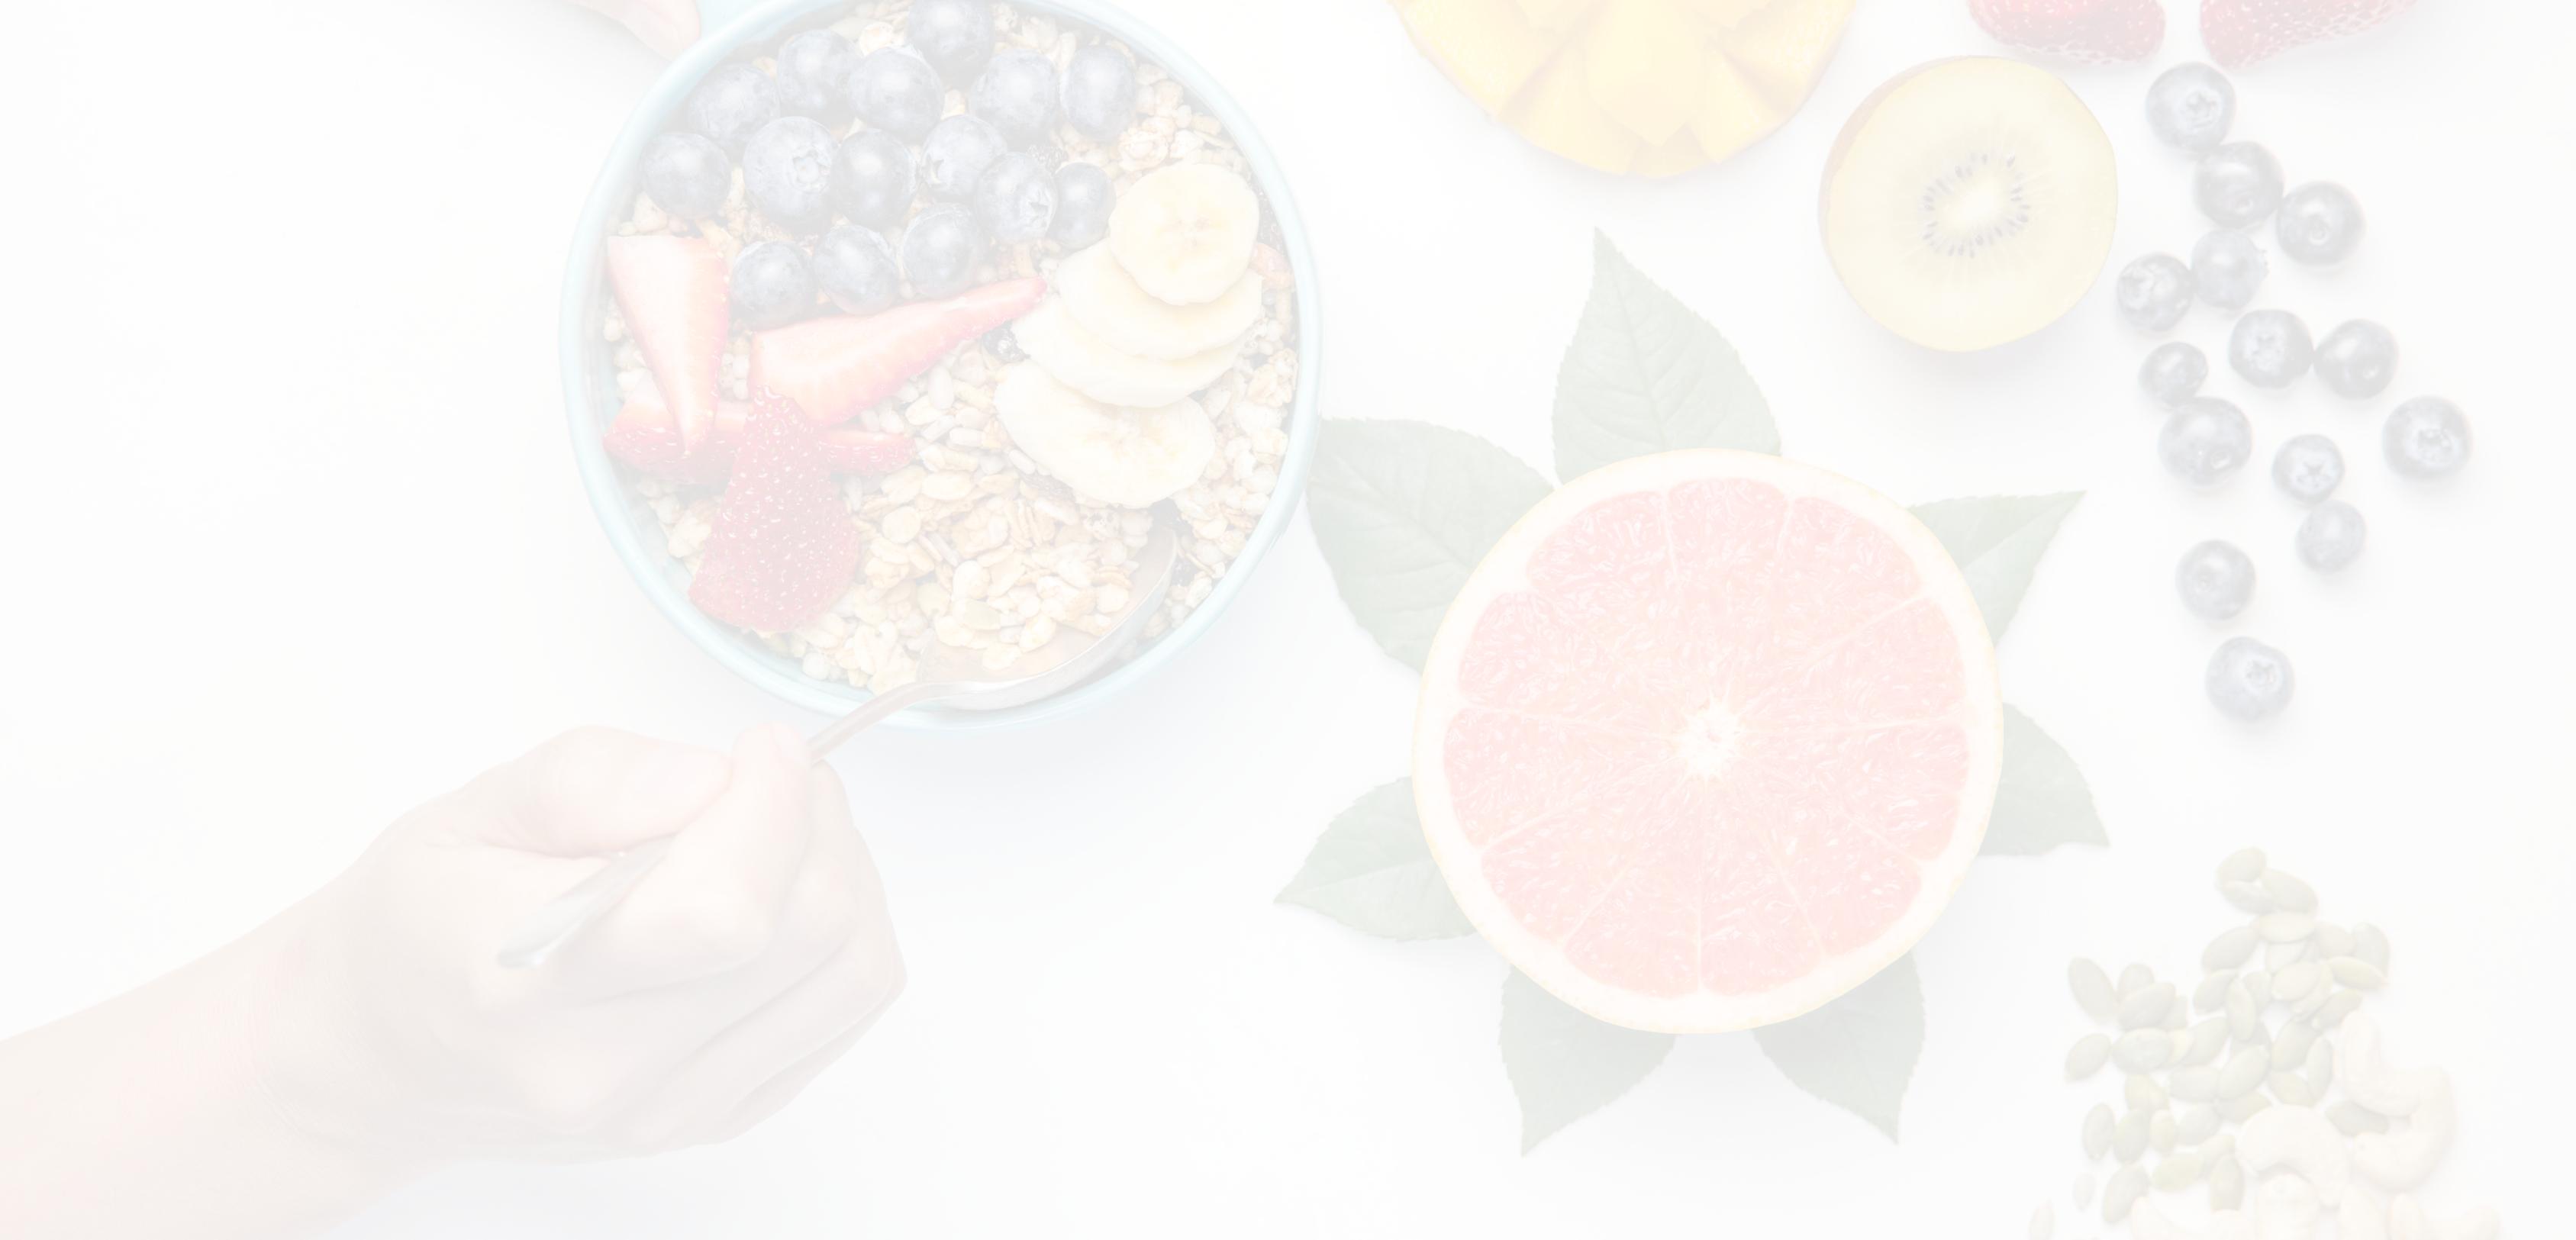 Healthy Habits Image 2